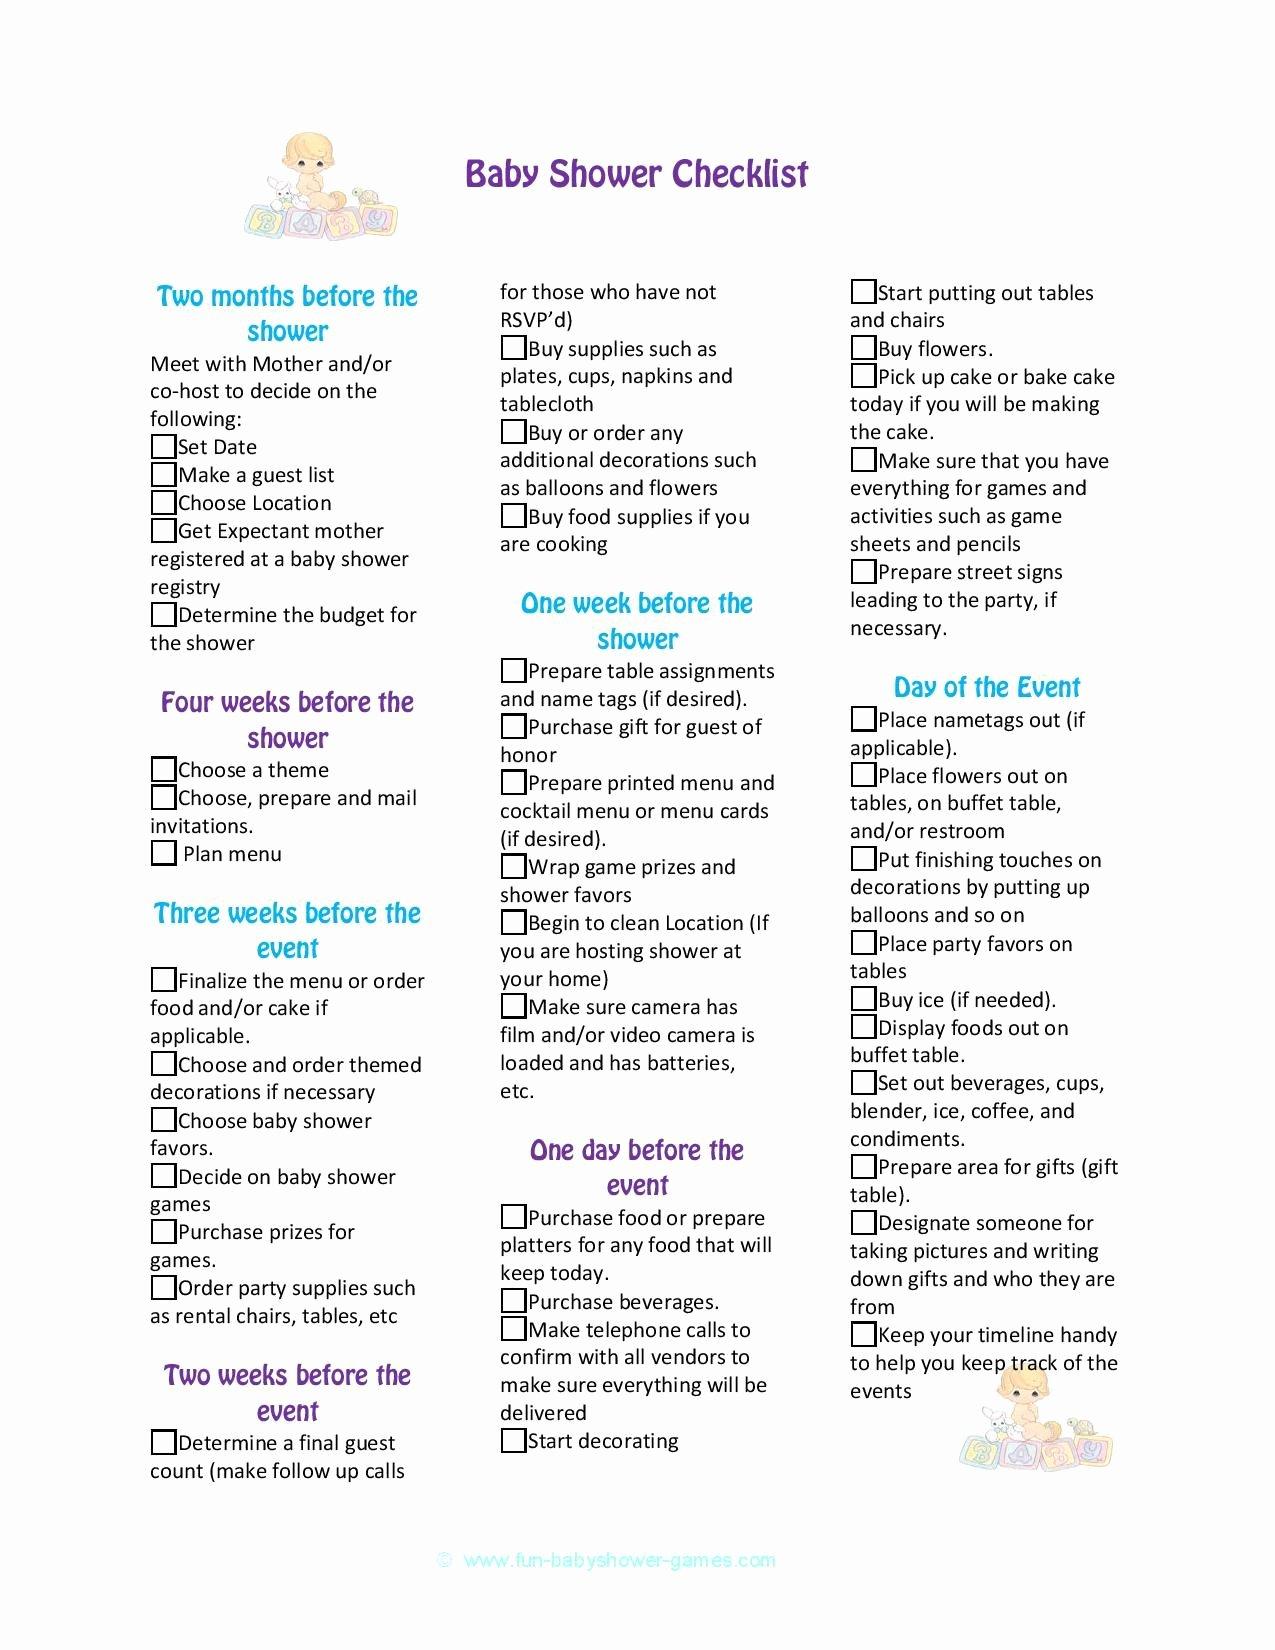 Baby Shower Planning Checklist Unique Baby Shower Checklist to Help Plan the Perfect Baby Shower